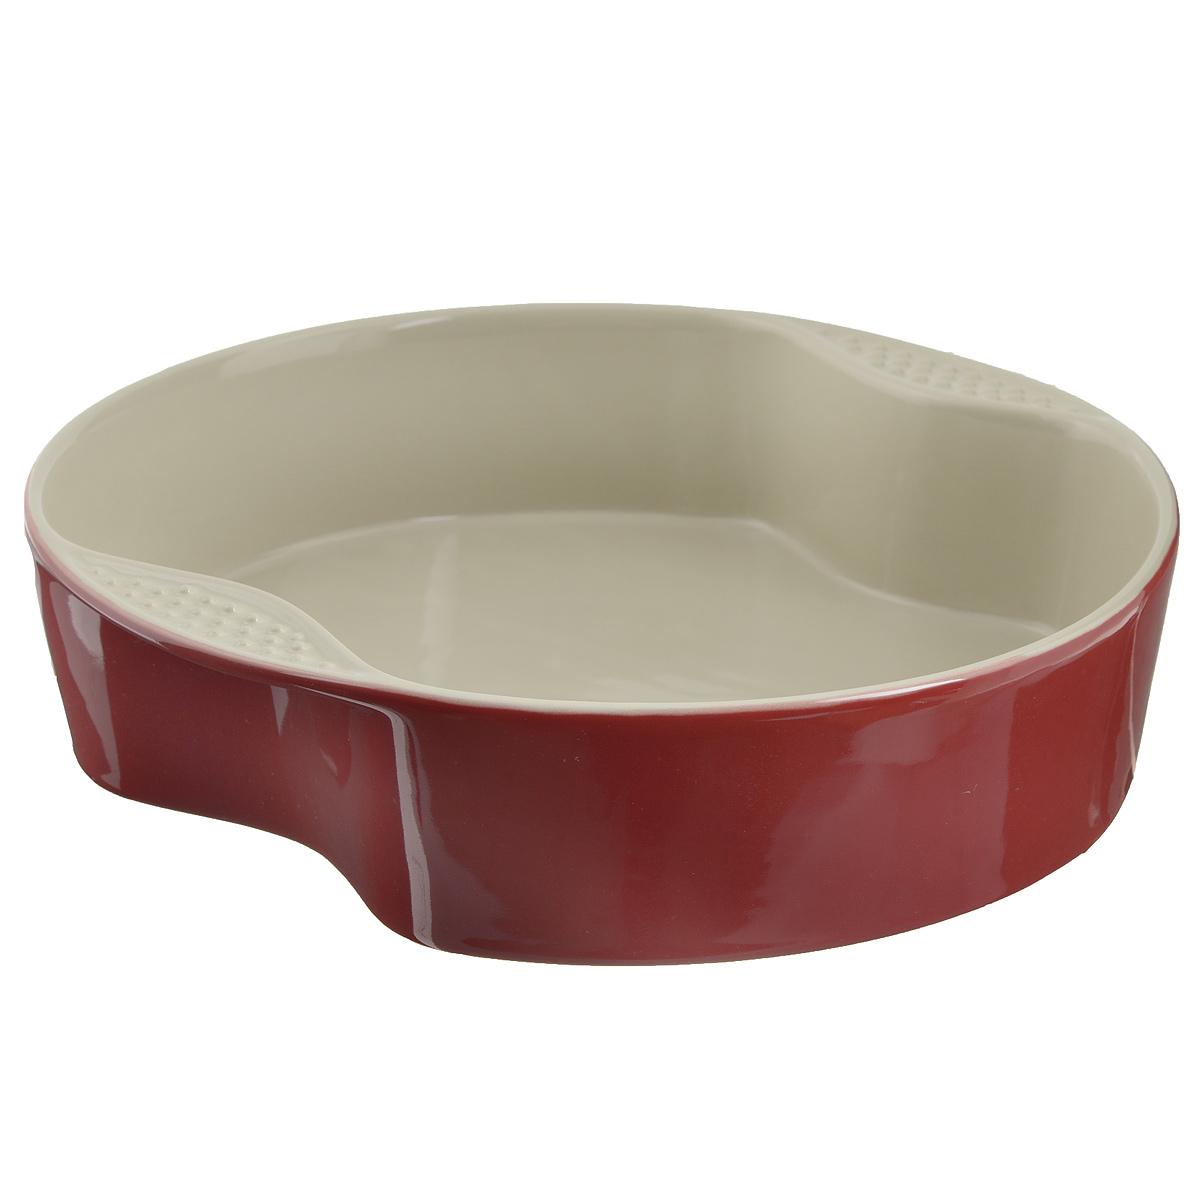 Форма для выпечки Mayer & Boch, цвет: красный, диаметр 29 см94672Форма для выпечки Mayer & Boch изготовленная из жаропрочной керамики, подходит для любого вида пищи. Элегантный дизайн идеально подходит для современного дома. Изделия из керамики идеально подходят как для приготовления пищи, так и для подачи на стол. Материал не содержит свинца и кадмия. С такой формой вы всегда сможете порадовать своих близких оригинальным блюдом.Форму для выпечки можно использовать в духовом шкафу и в микроволновой печи, замораживать в холодильнике. Можно мыть в посудомоечной машине.Размер формы (с учетом ручек): 29 см х 29 см х 7 см.Размер формы (без учета ручек): 21,5 см х 27,5 см х 7 см.Высота стенок: 7 см.Толщина стенок: 6-7 мм.